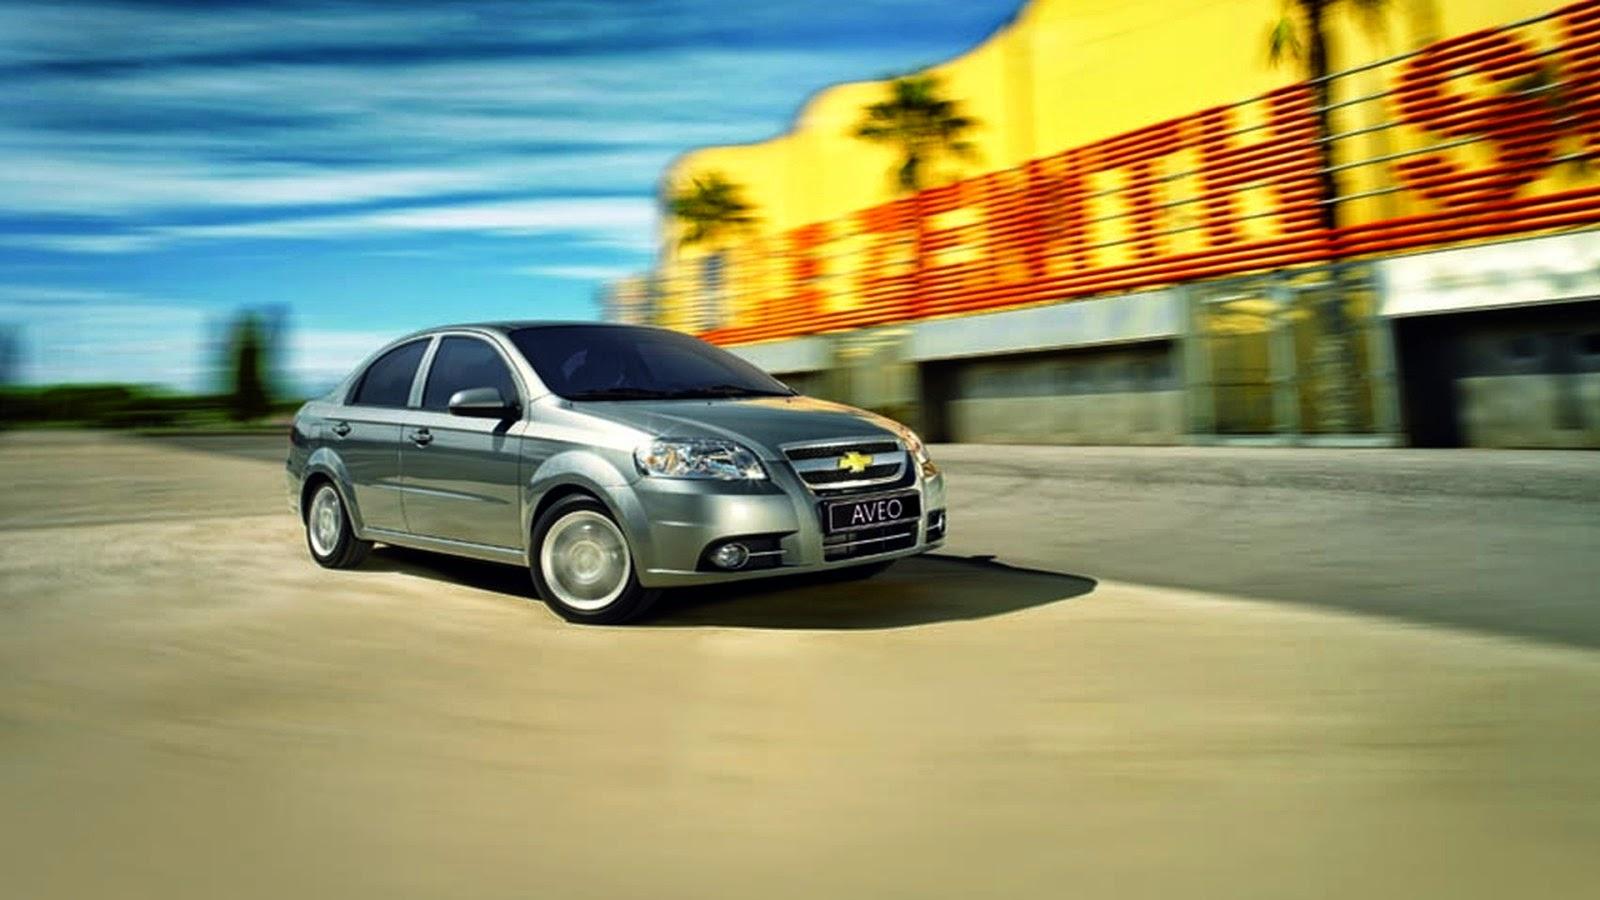 شيفرولية افيو 2014 , اسعار وموصفات سياراة Chevrolet Aveo 2014